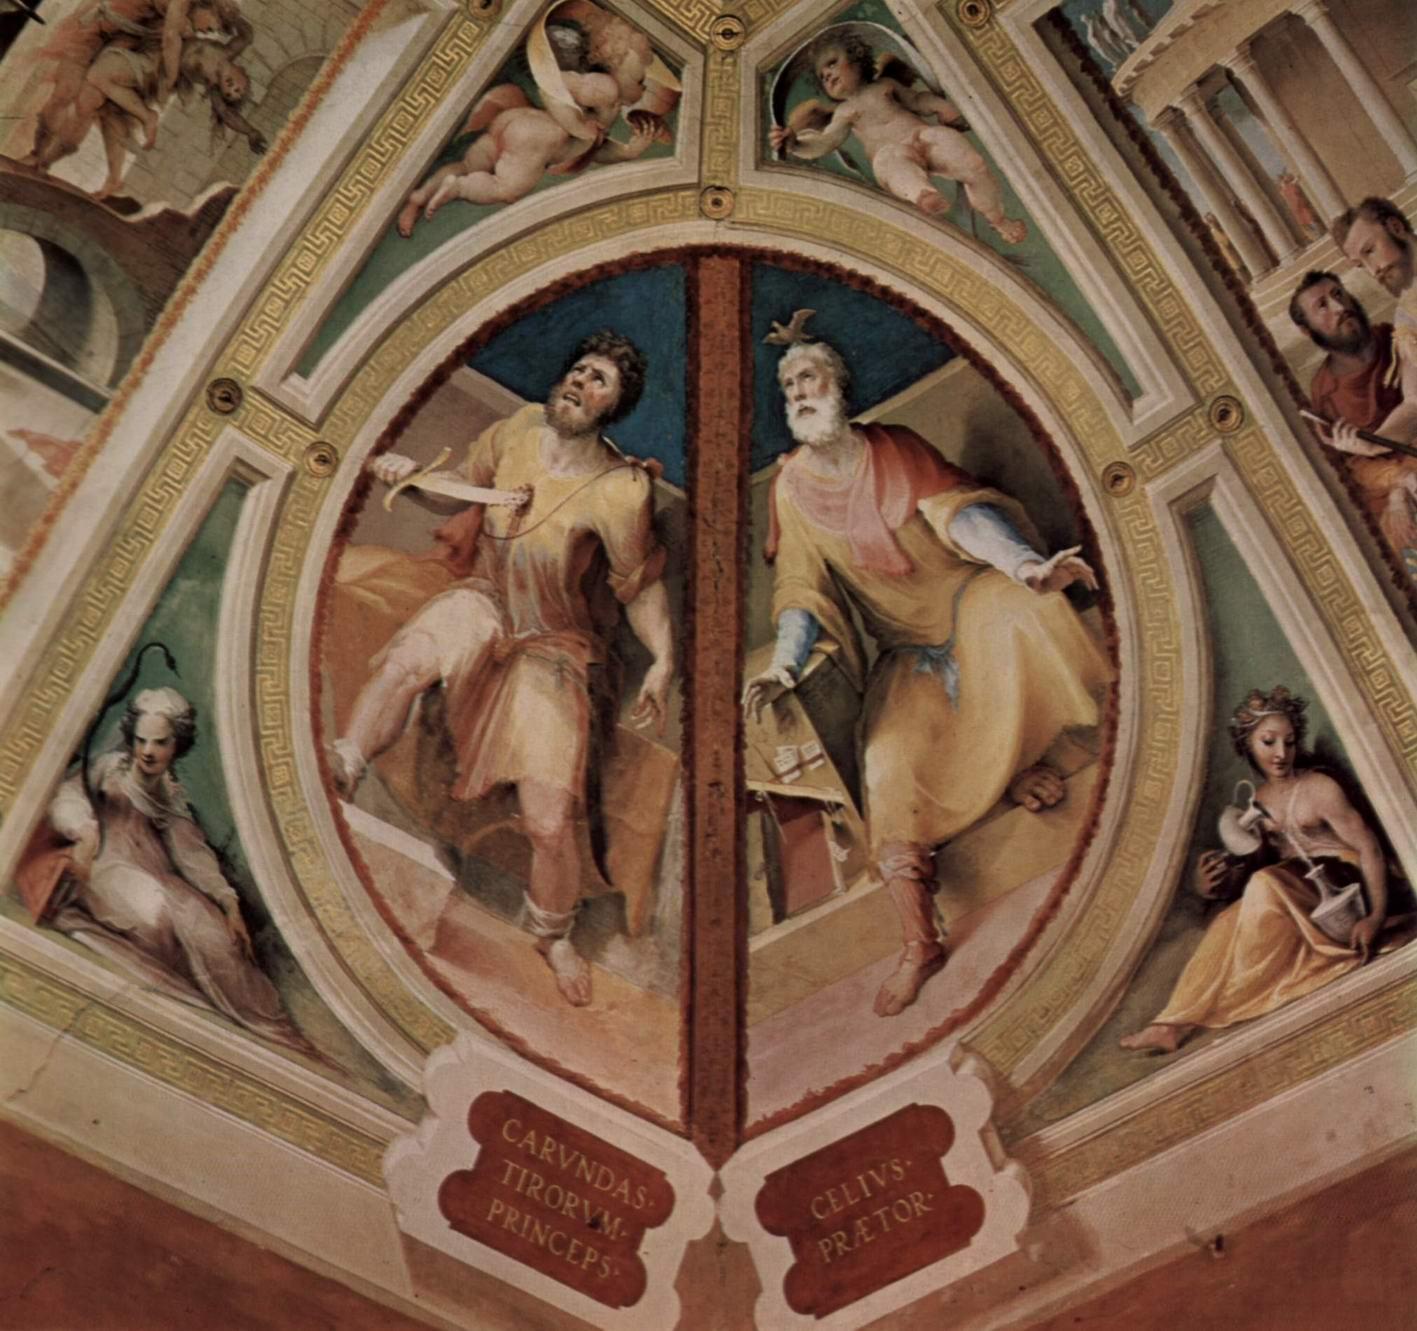 Аллегорический цикл фресок (Политические добродетели) из Палаццо Пубблико в Сиене. Карунд Тирский и Целий Претор, Беккафуми Доменико